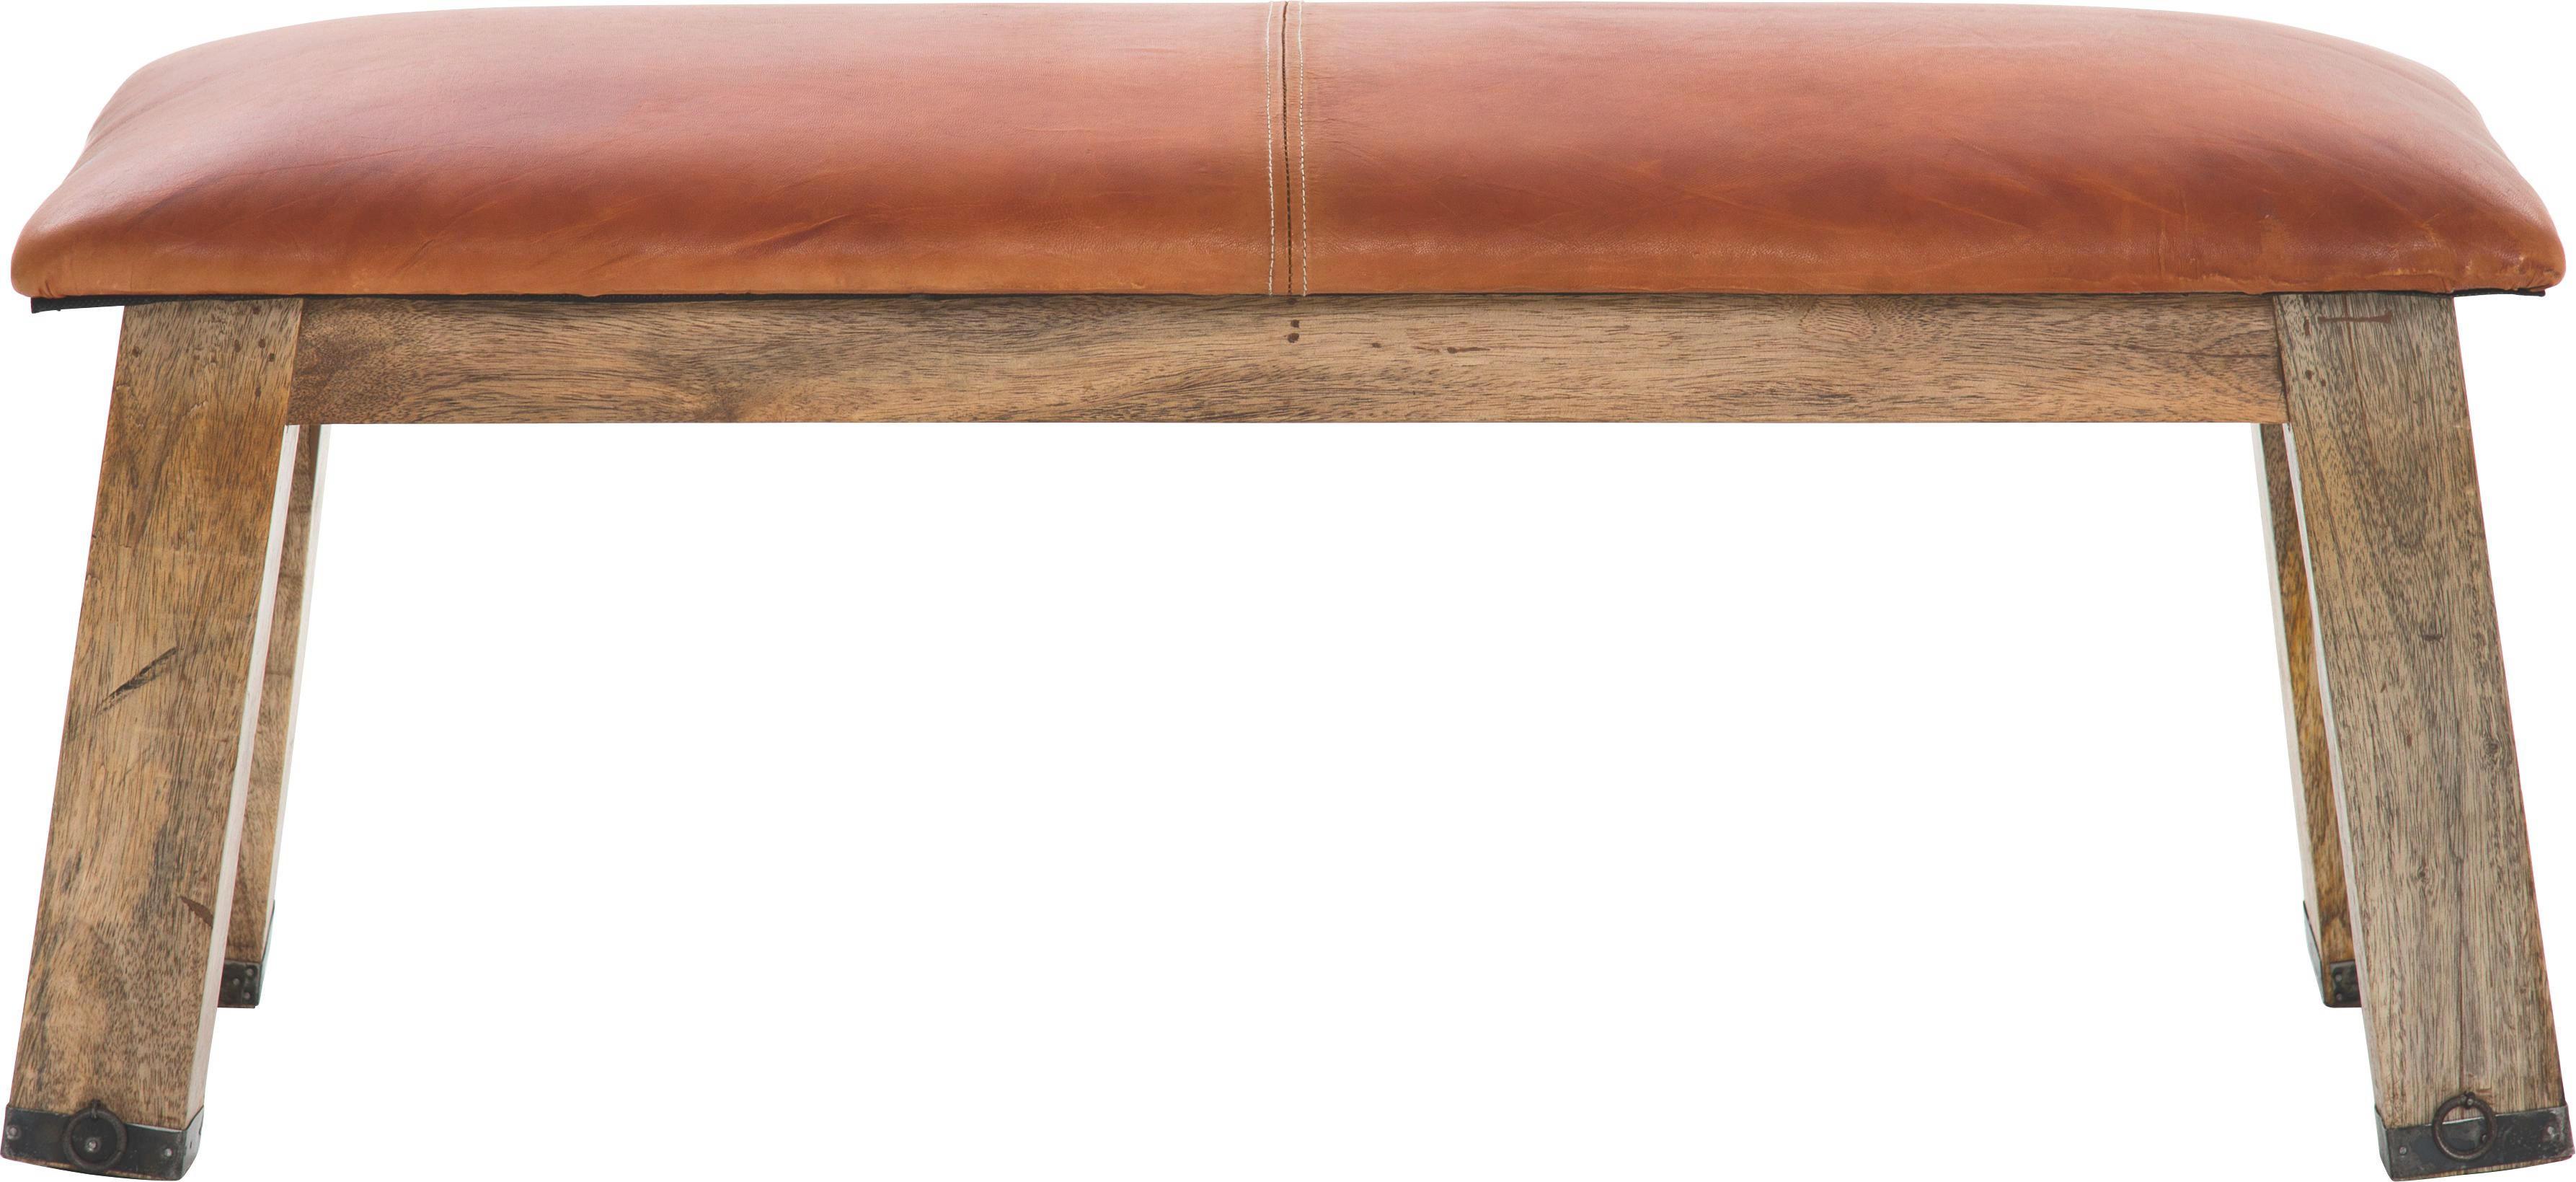 SITZBANK in Holz, Leder Braun - Braun, Design, Leder/Holz (110/43/37cm)